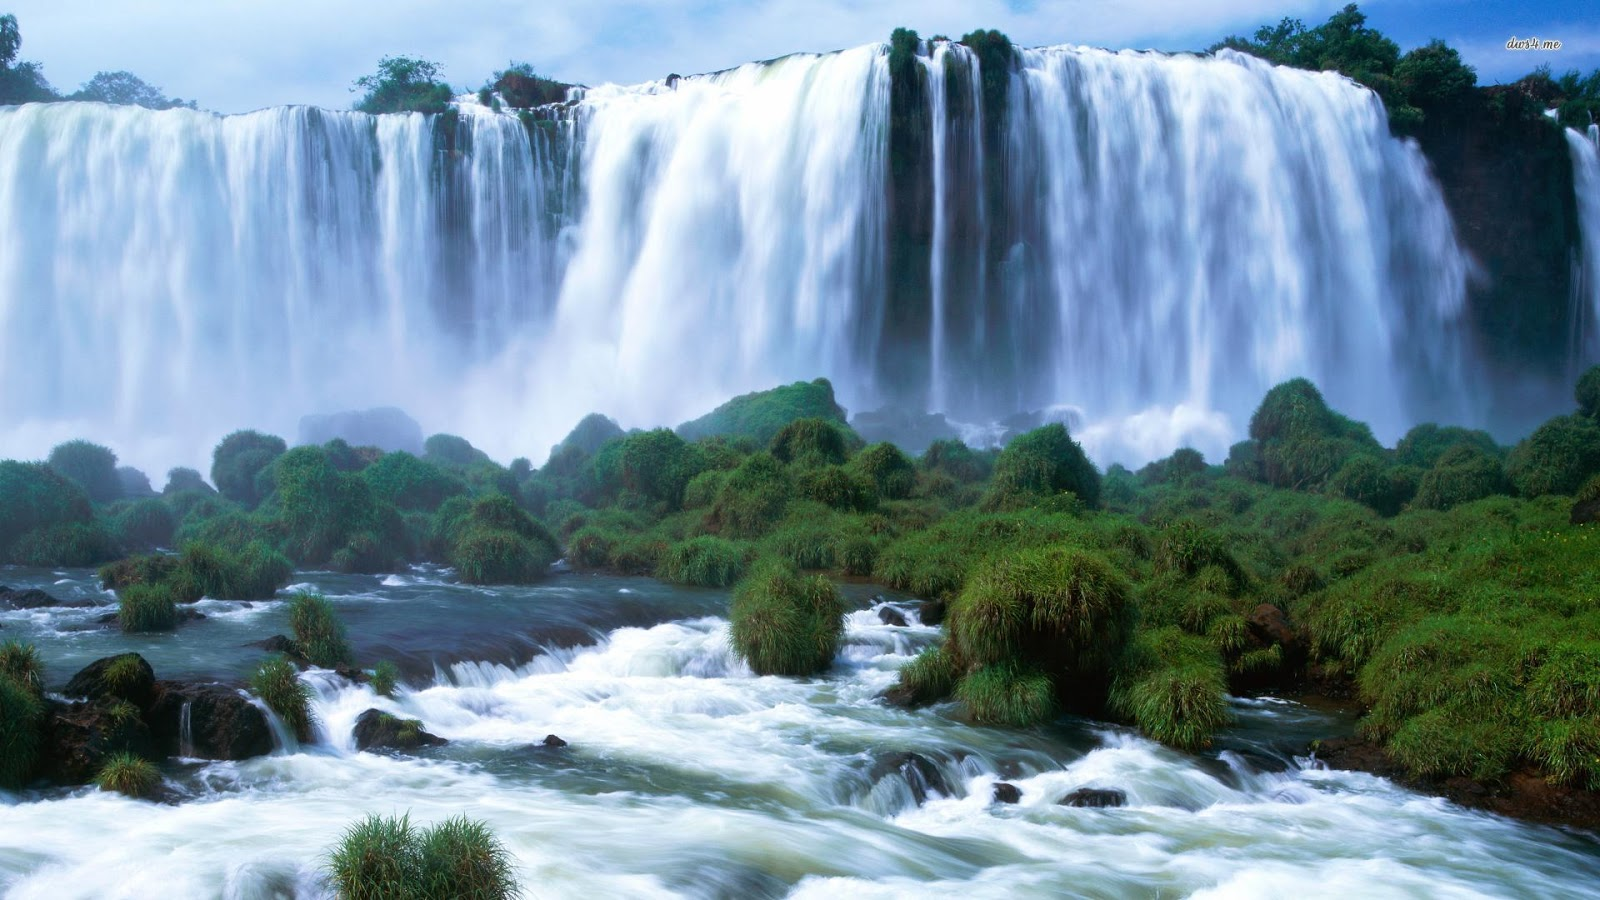 Bộ hình nền thác nước đẹp Full HD